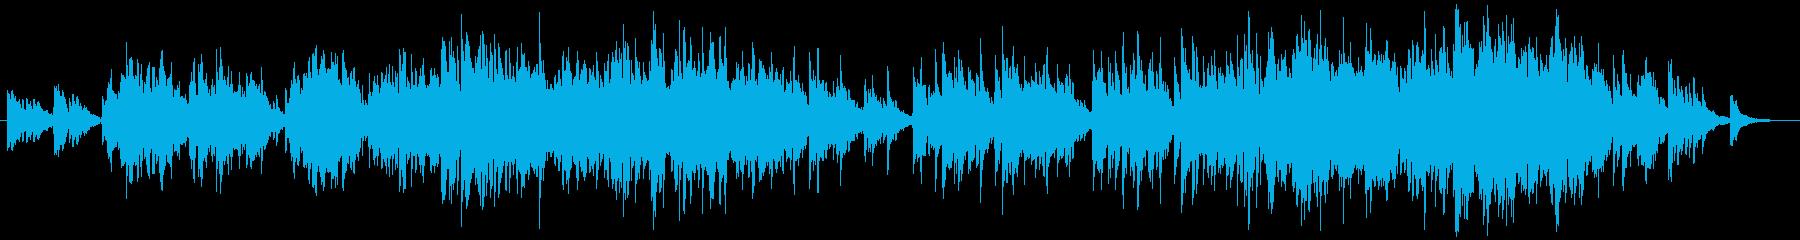 二胡の生演奏による切なくゆったりした曲の再生済みの波形